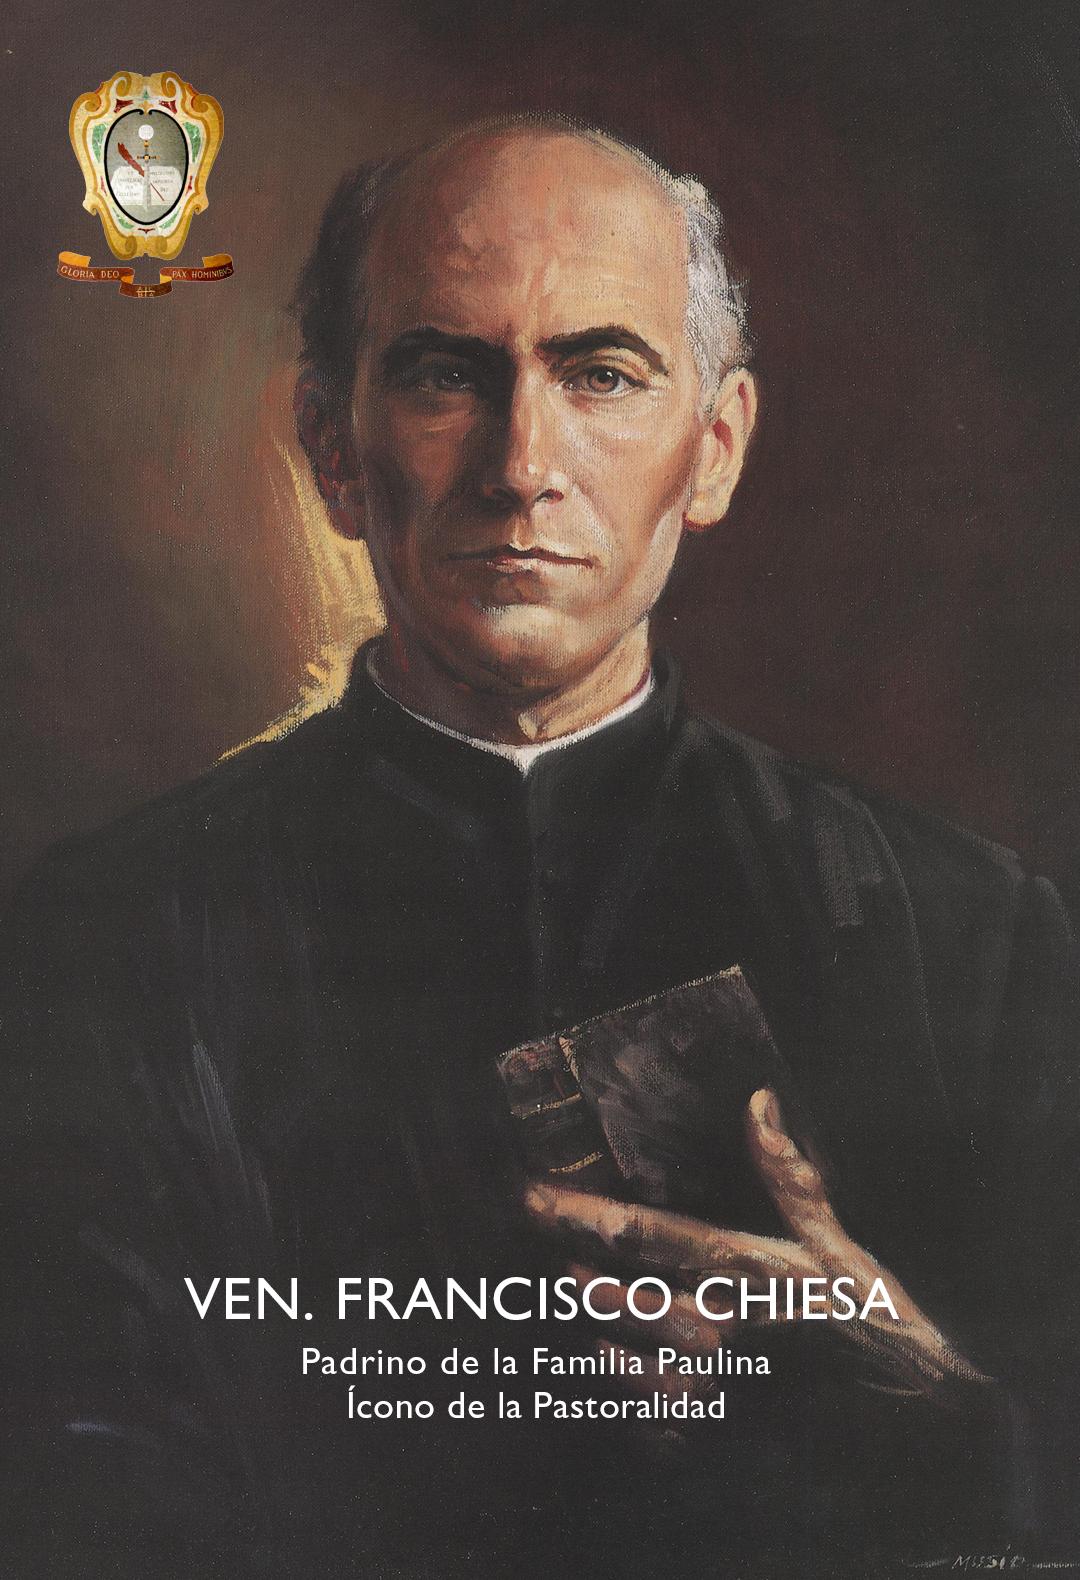 Venerable Canónigo Francisco Chiesa